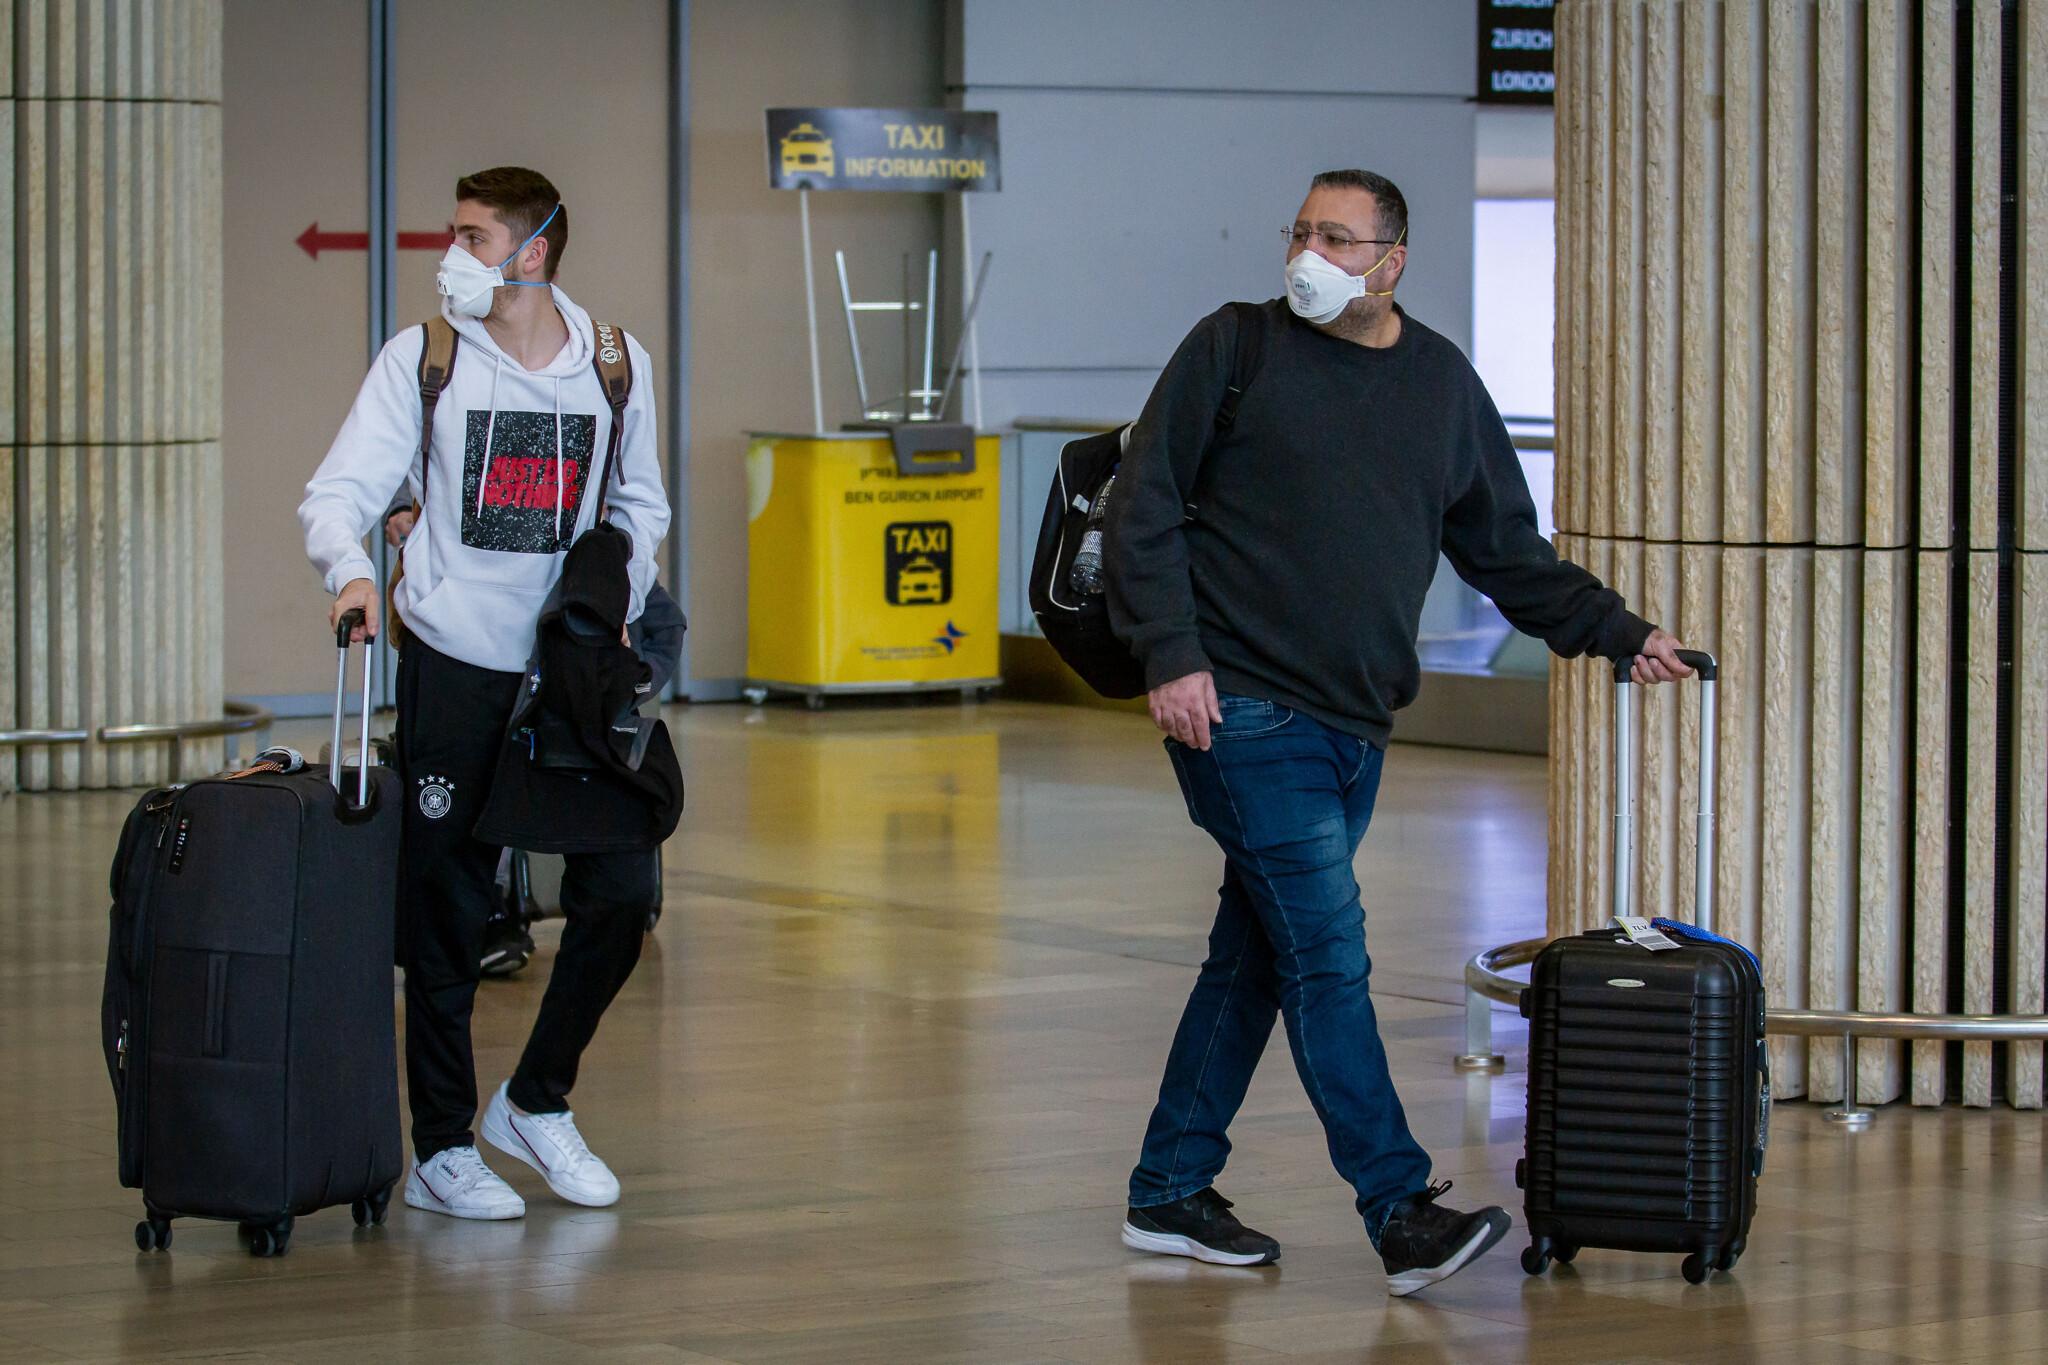 النمسا: تراجع استخدام وسائل النقل بنحو الثلث بسبب كوفيد-19